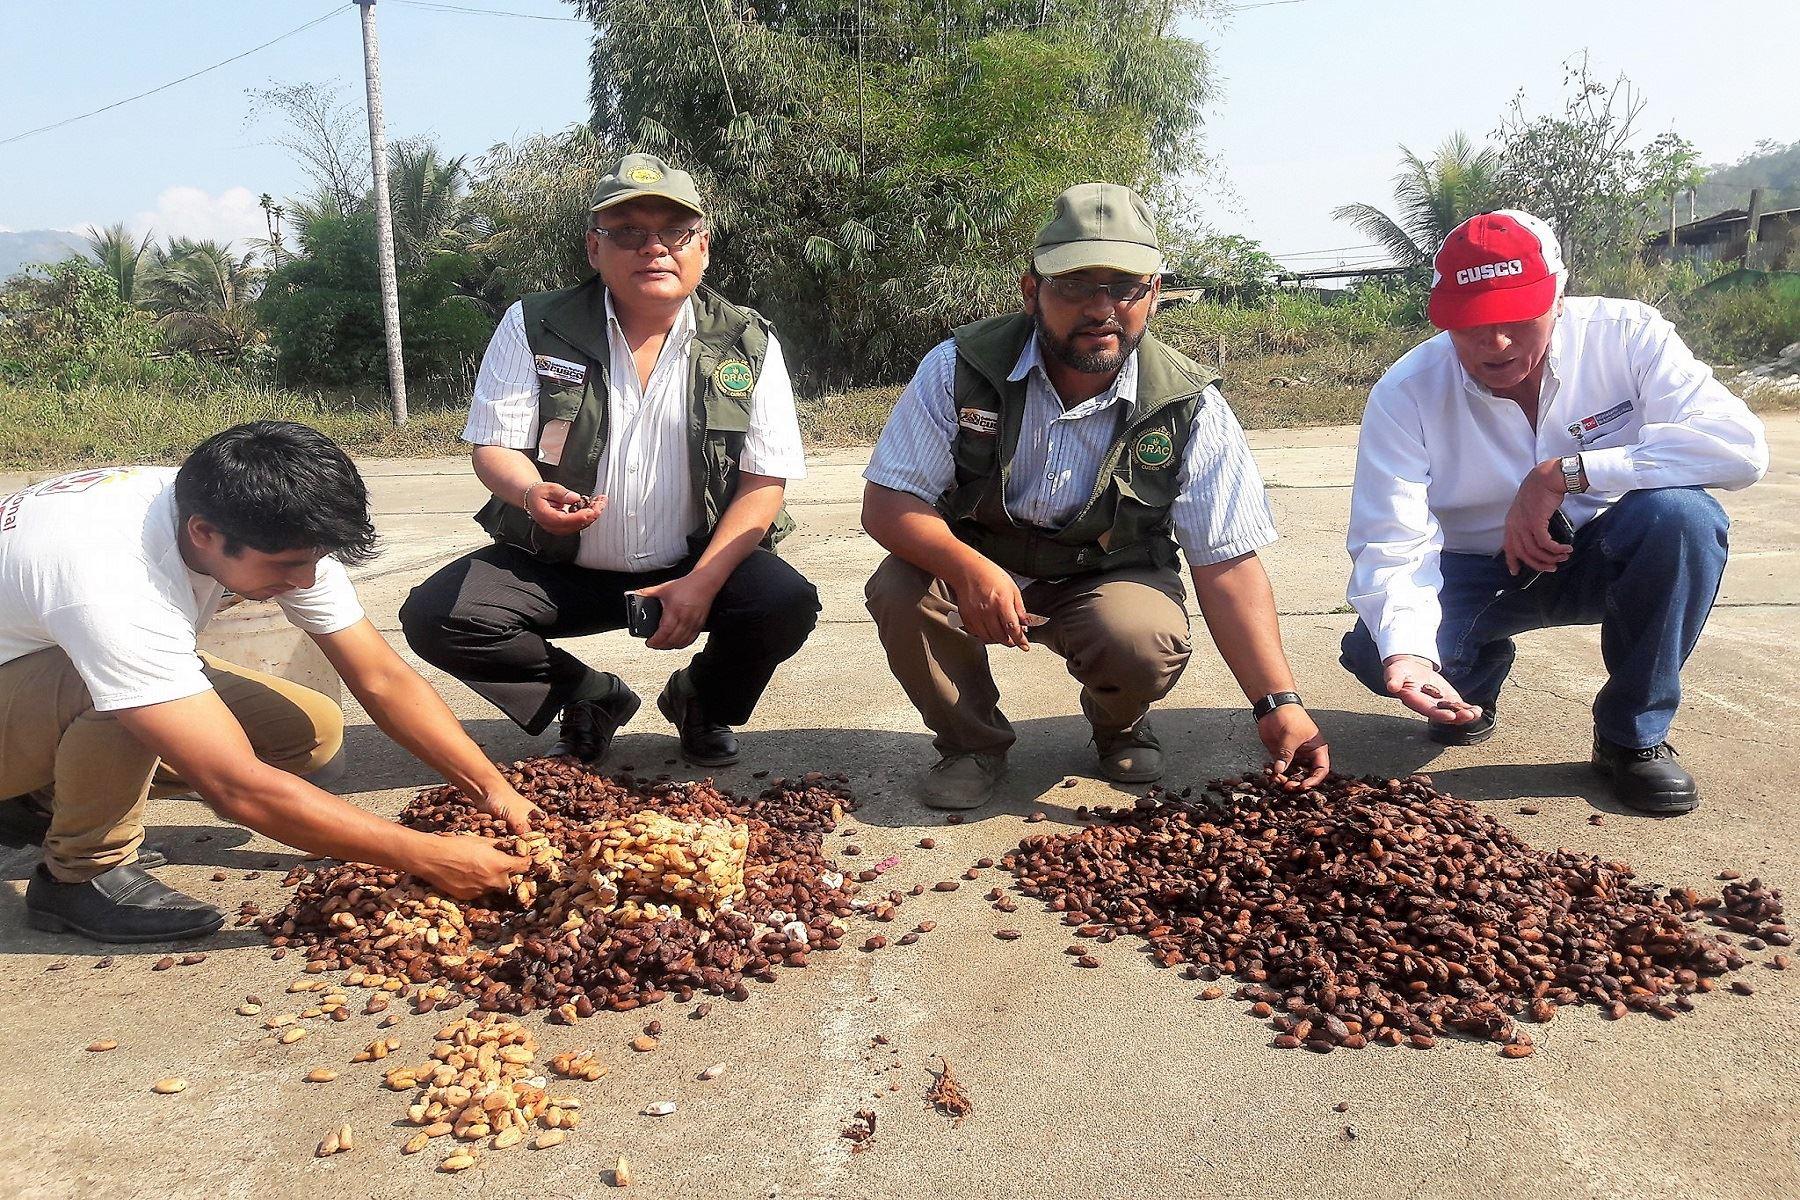 Ingresos por exportaciones de café superan los US$ 25 millones al año. ANDINA/Percy Hurtado